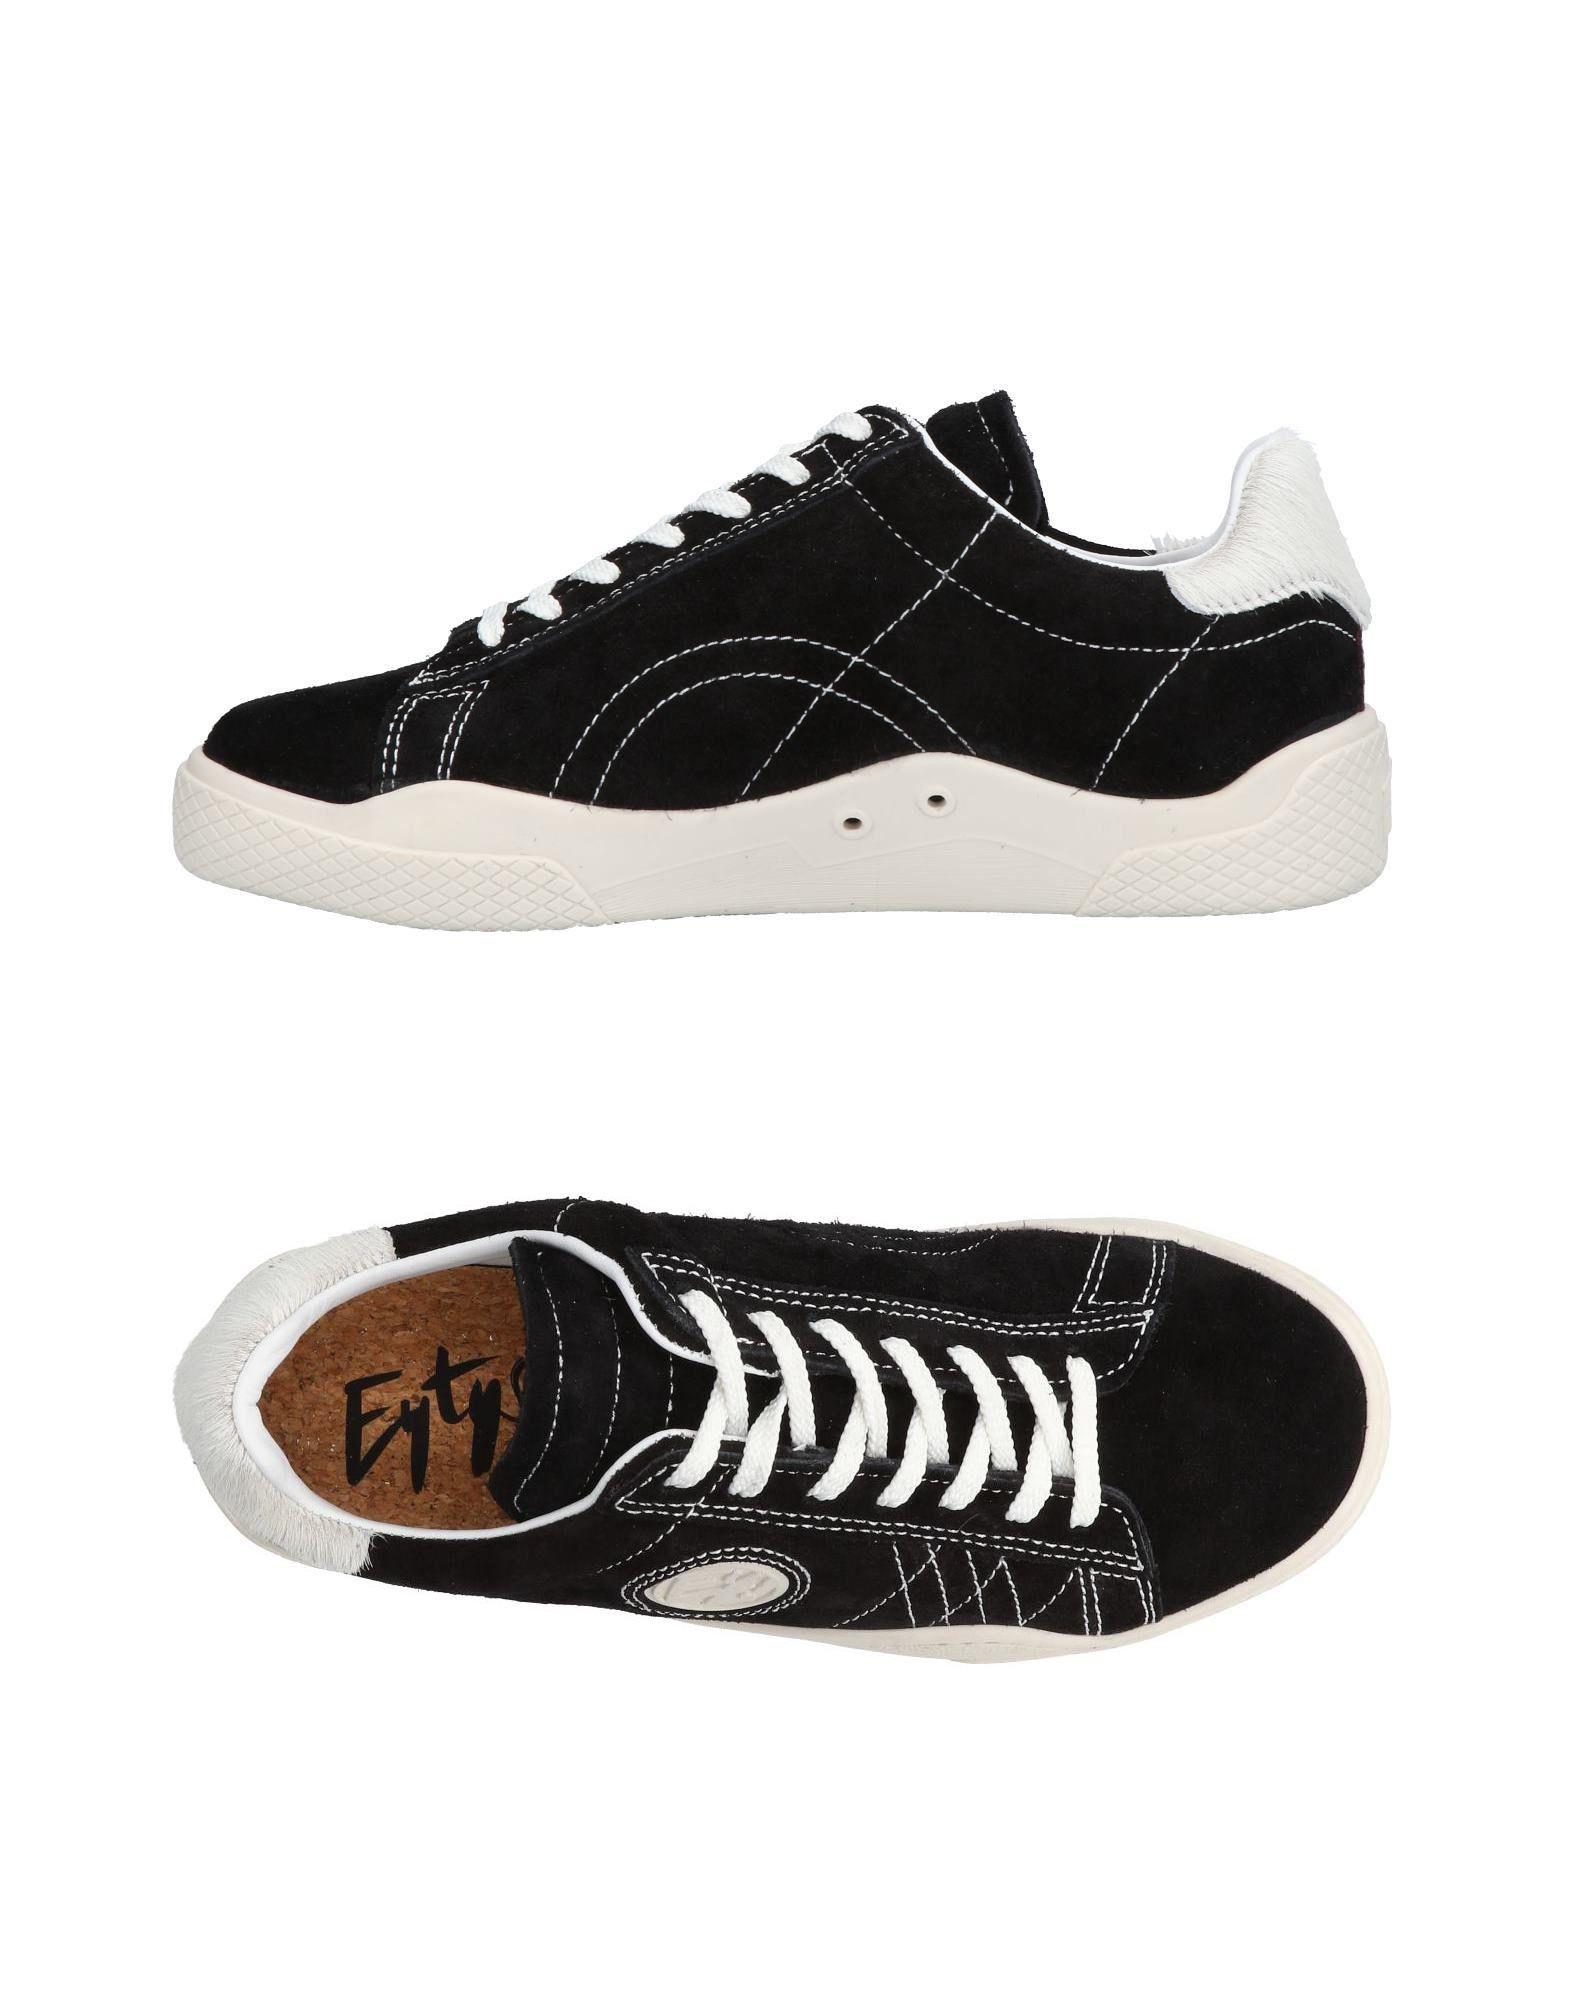 Sneakers Eytys Homme - Sneakers Eytys  Noir Nouvelles chaussures pour hommes et femmes, remise limitée dans le temps